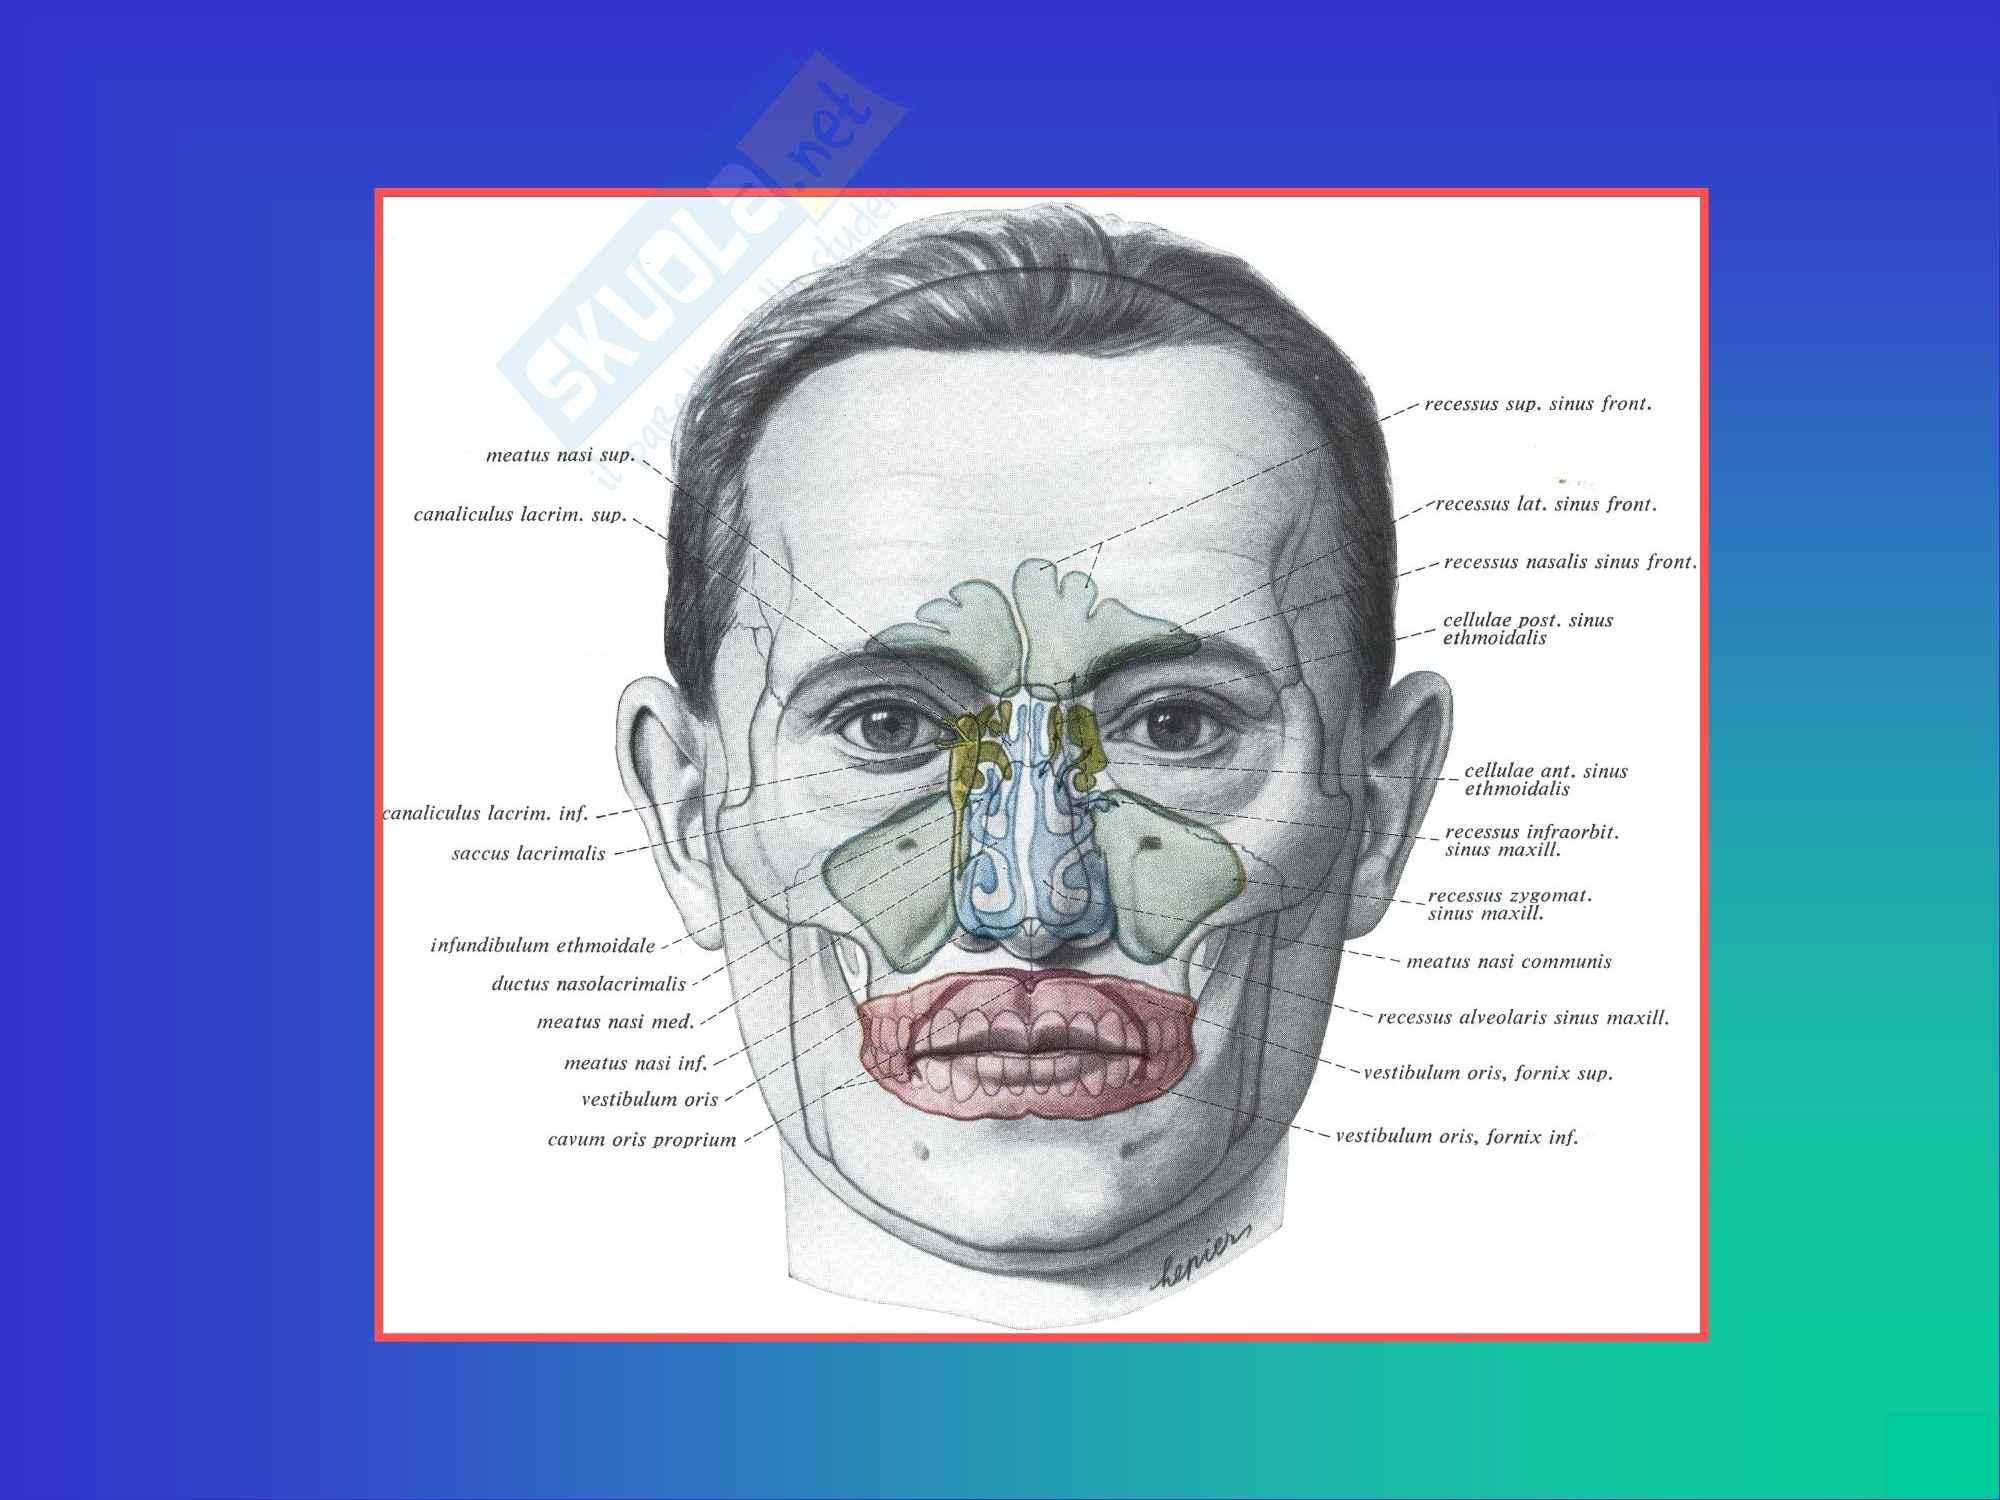 Otorinolaringoiatria - Anatomia e Fisiologia del Naso e Seni Paranasali Pag. 16